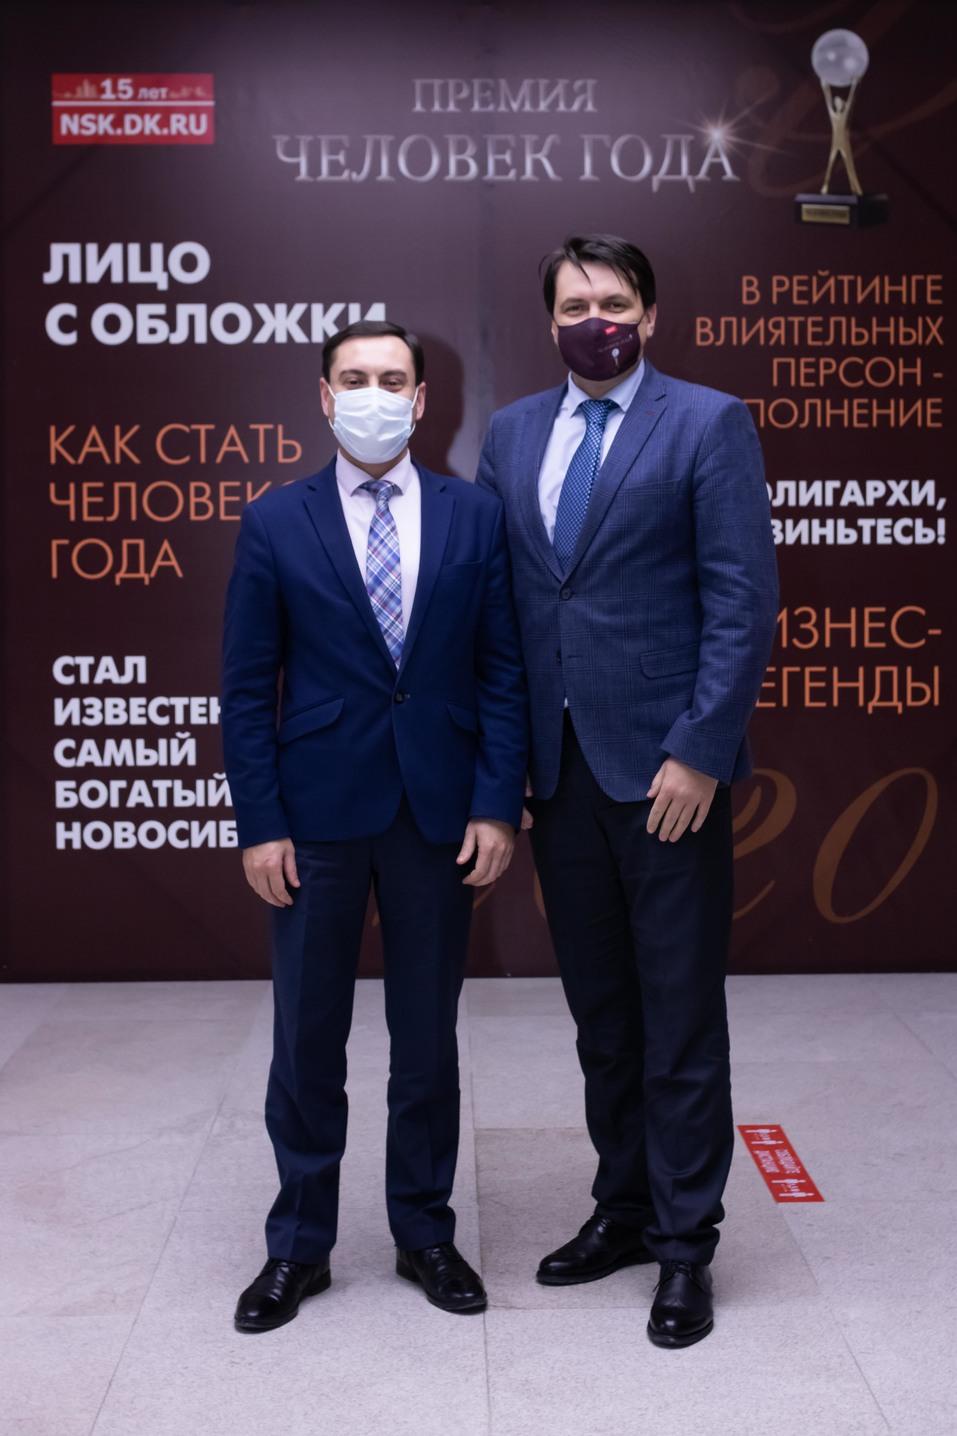 Человек года-2020. ФОТОРЕПОРТАЖ       510